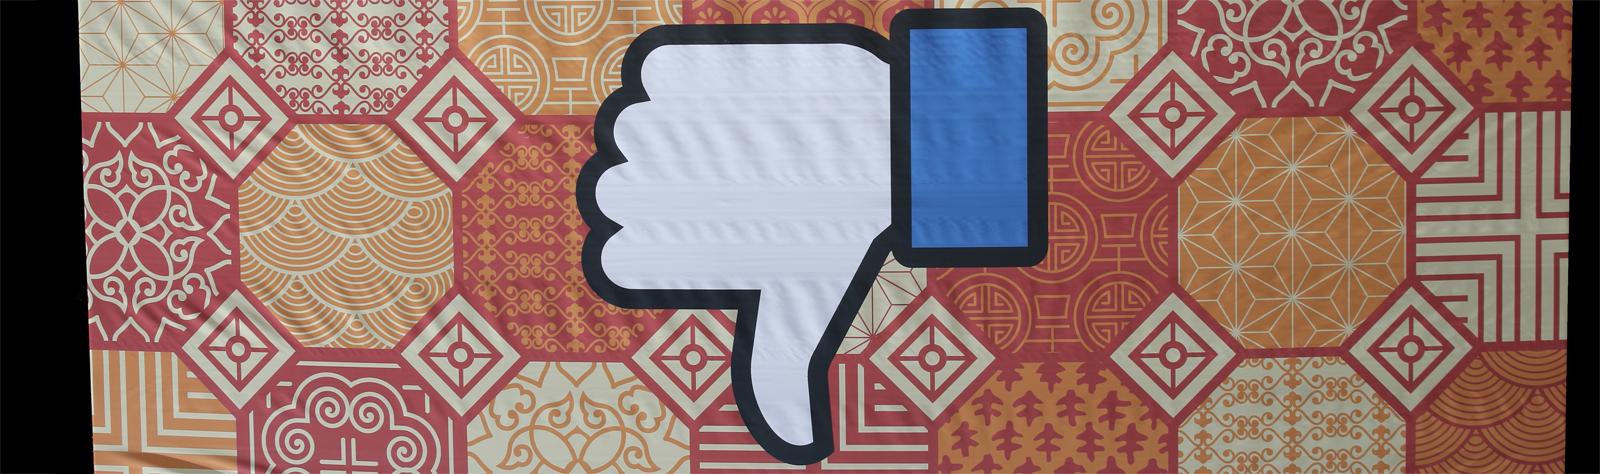 Umgedreht: Das Facebook-Logo in Menlo Park